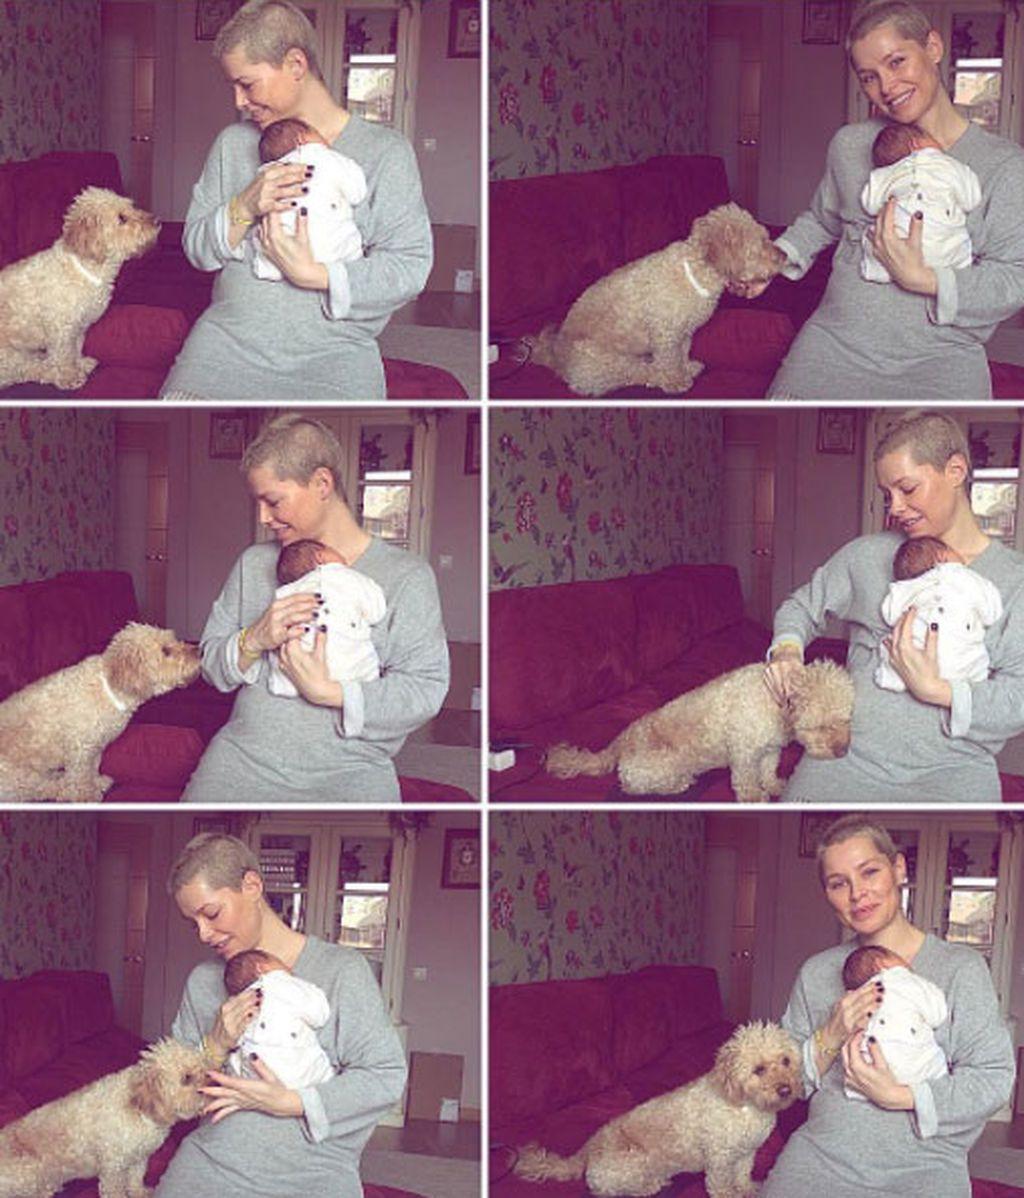 Los mejores amigos de los perros son los bebés, 'vips' que lo demuestran en redes